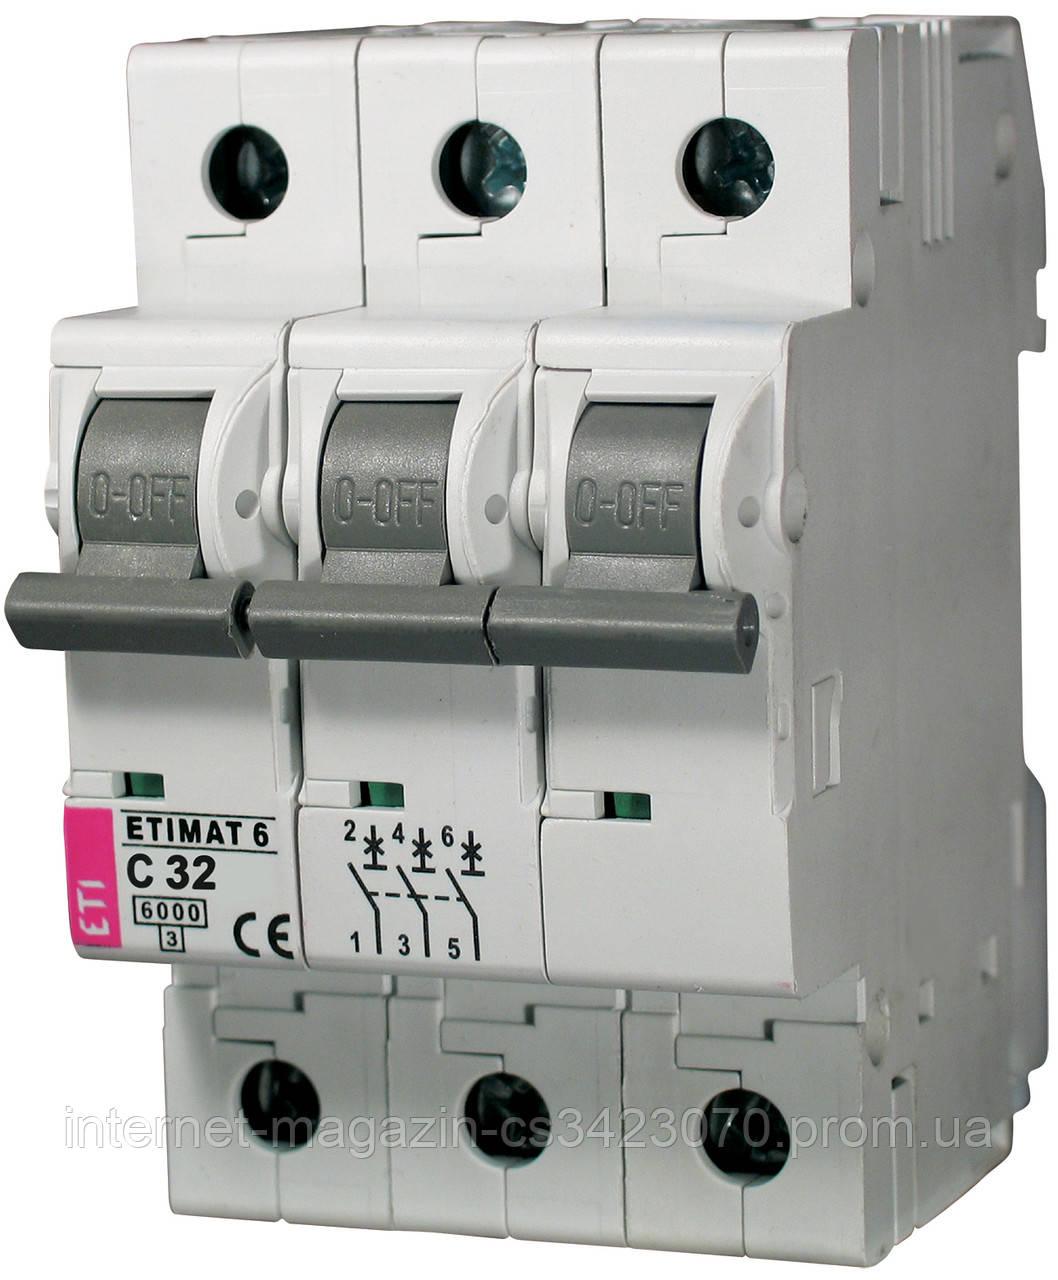 Автоматичний вимикач ETIMAT 6 3Р 32A 6kA х-ка С, ЕТІ